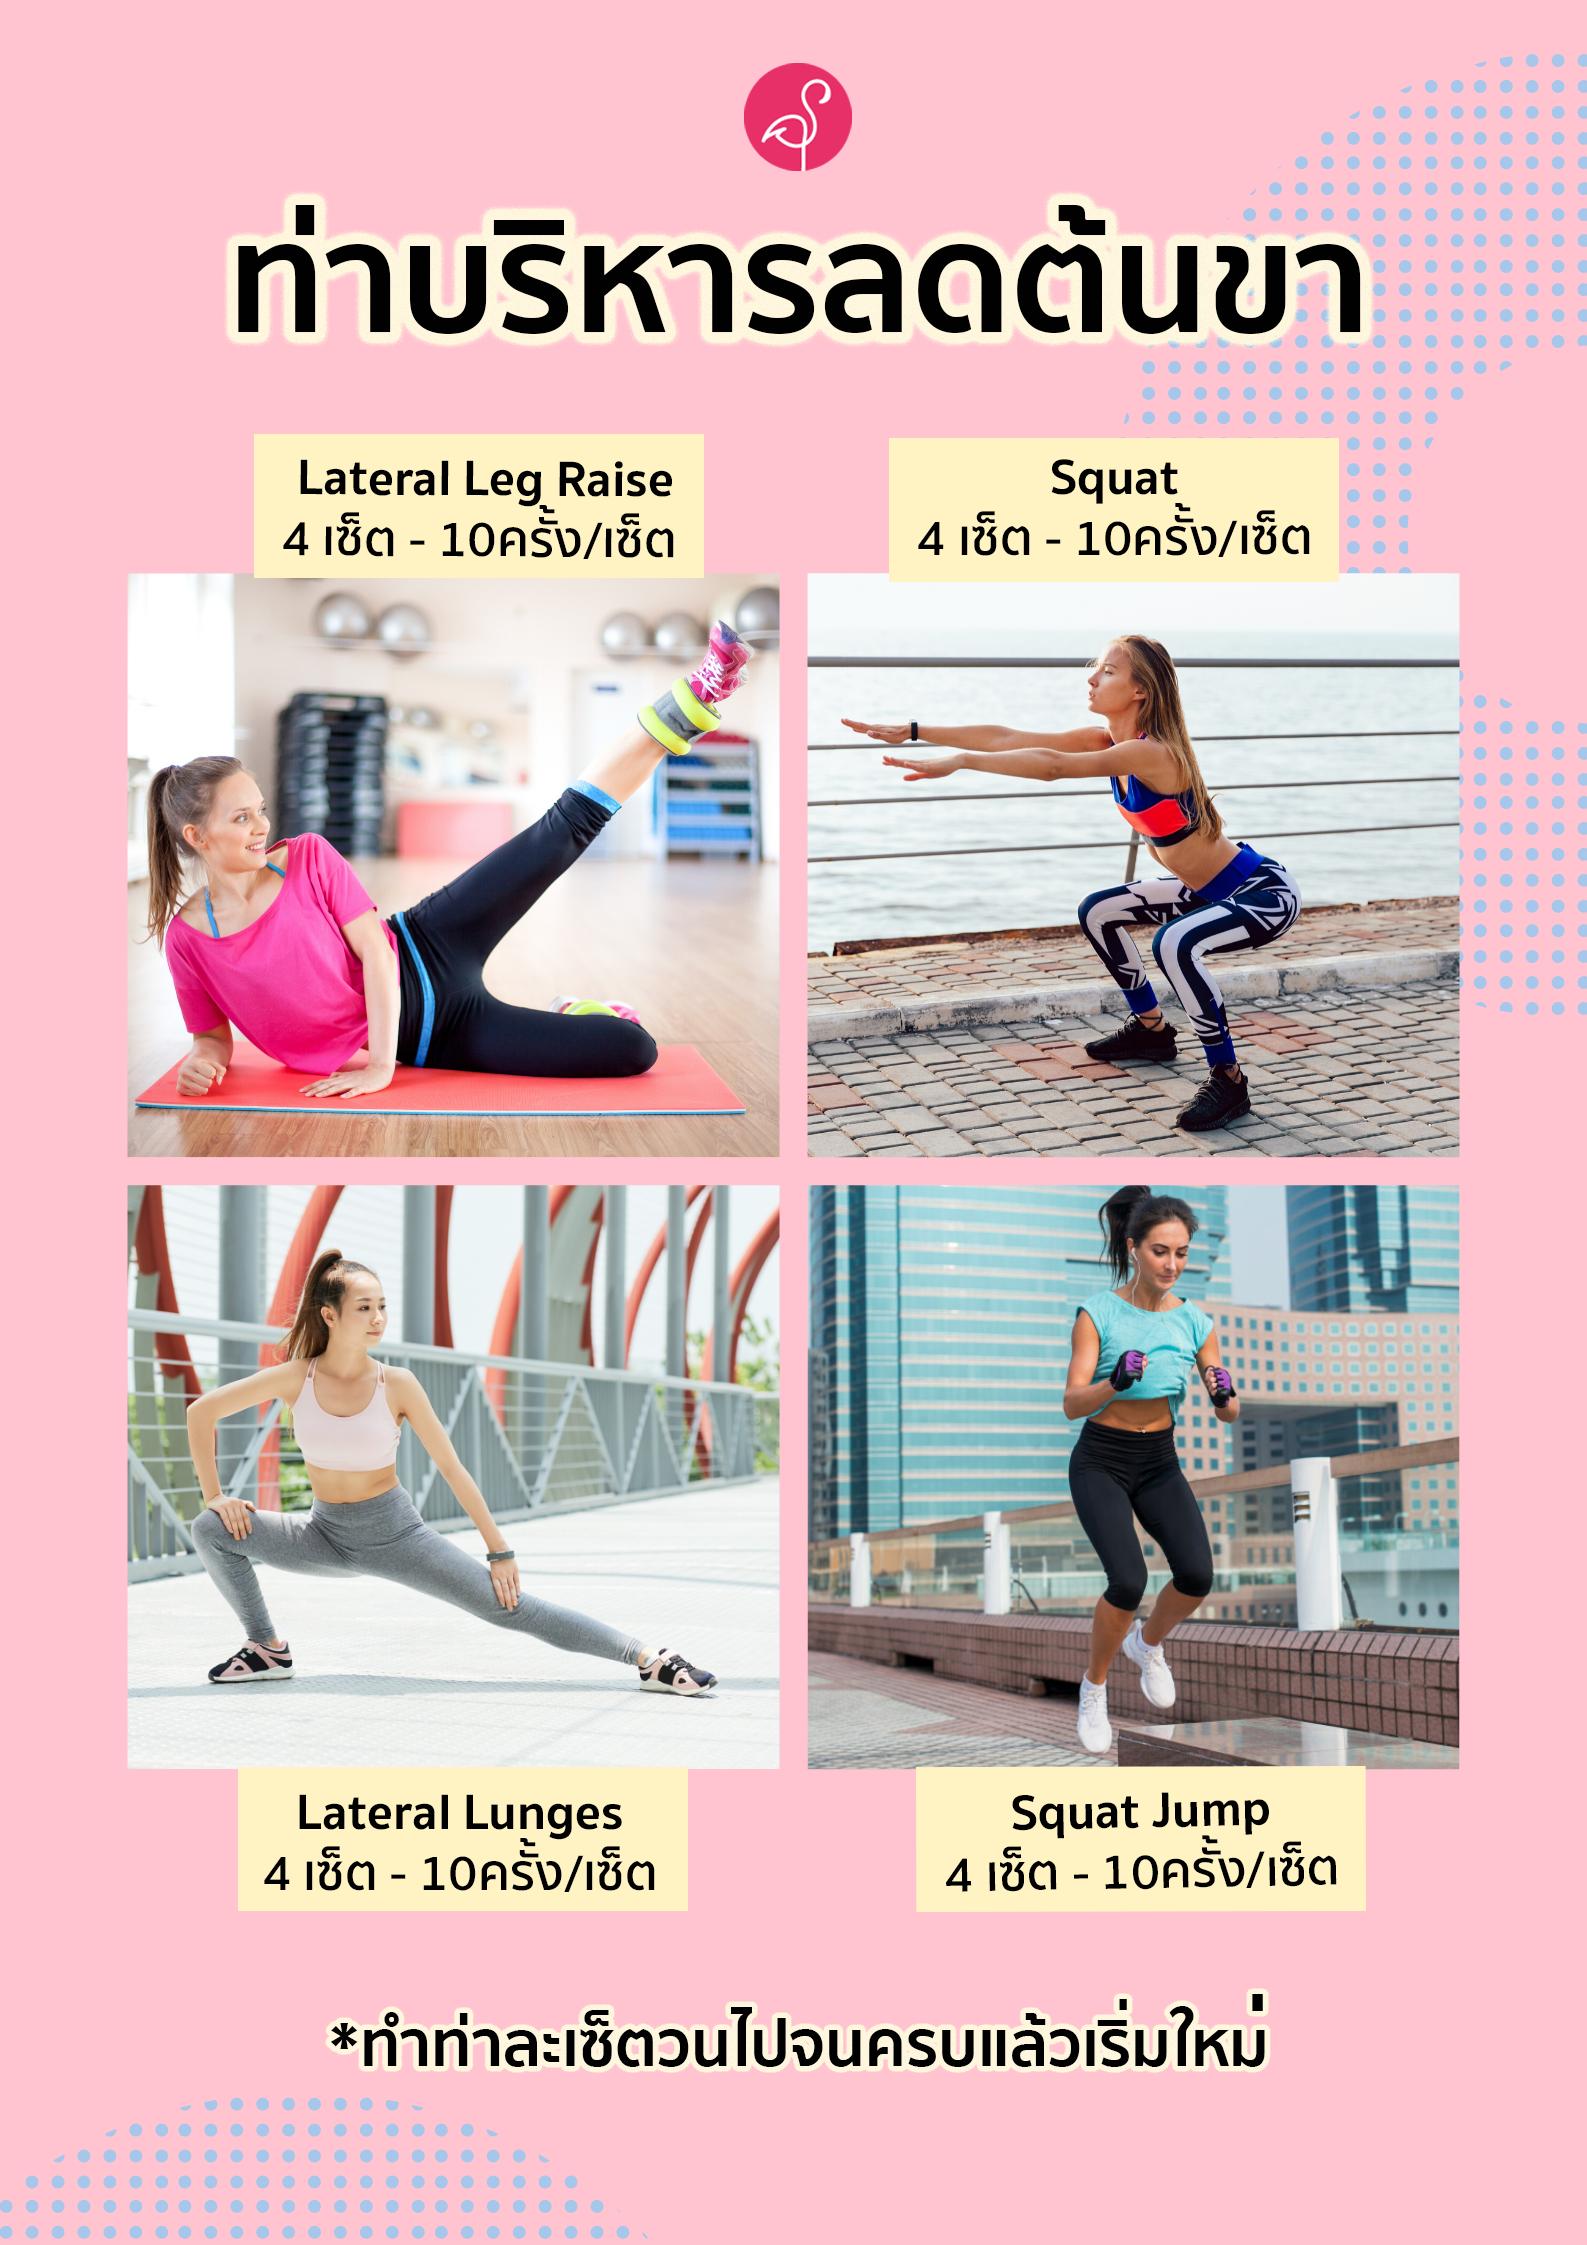 ลดน้ำหนักไว-ว-ลดต้นขา-ลดเซลลูไลท์-ขาใหญ่-ท่าออก